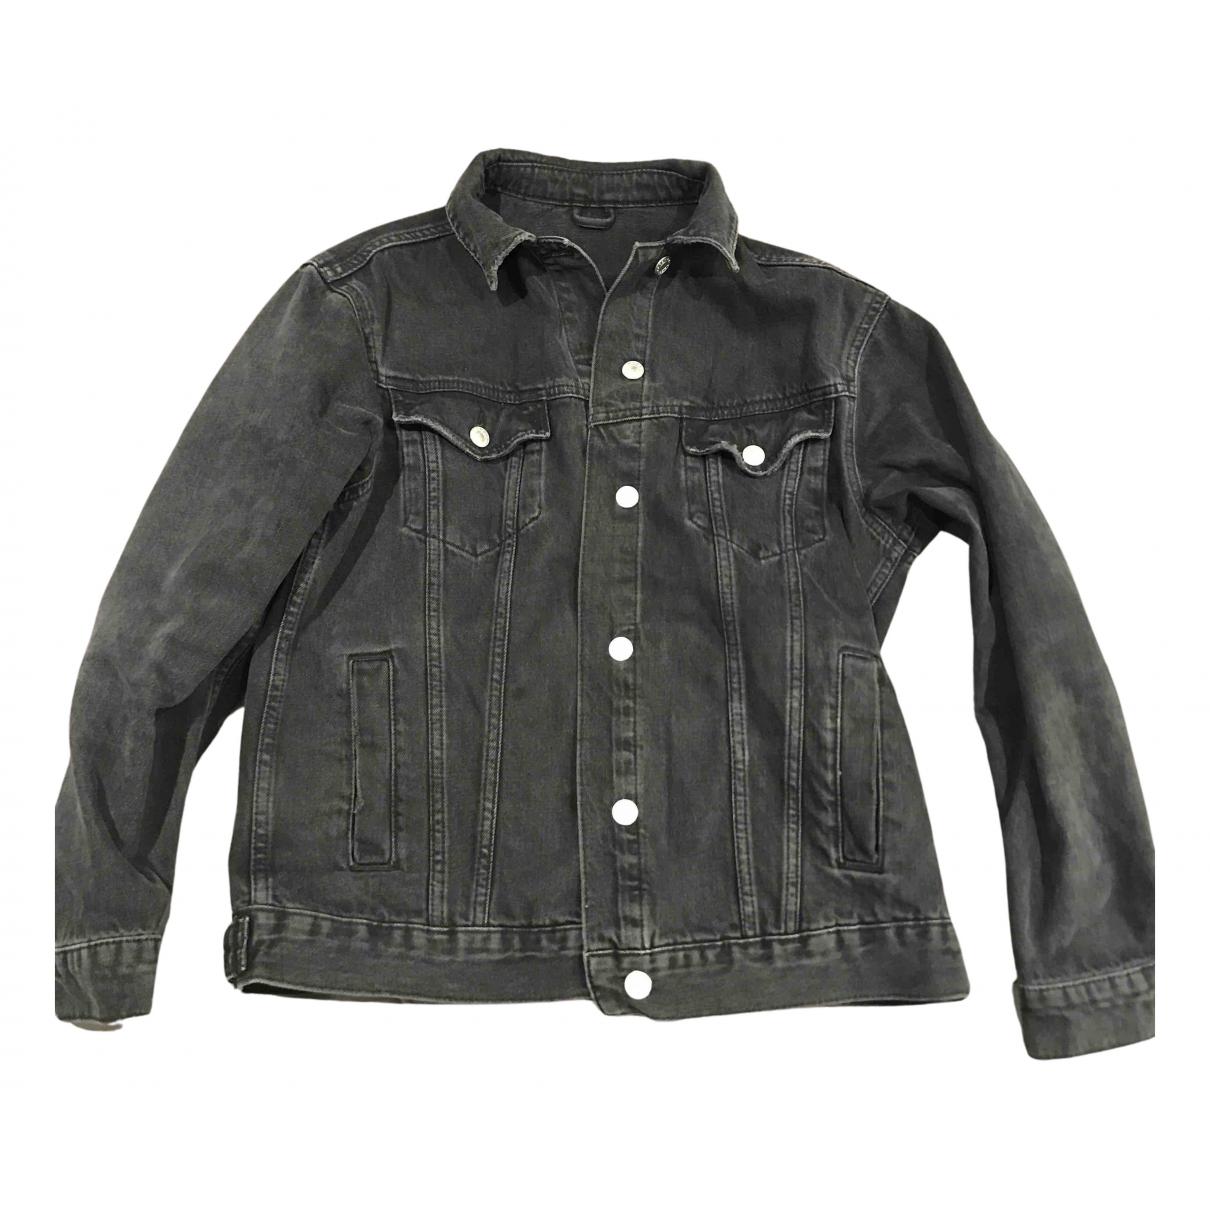 tophop N Black Denim - Jeans jacket for Women 6 UK